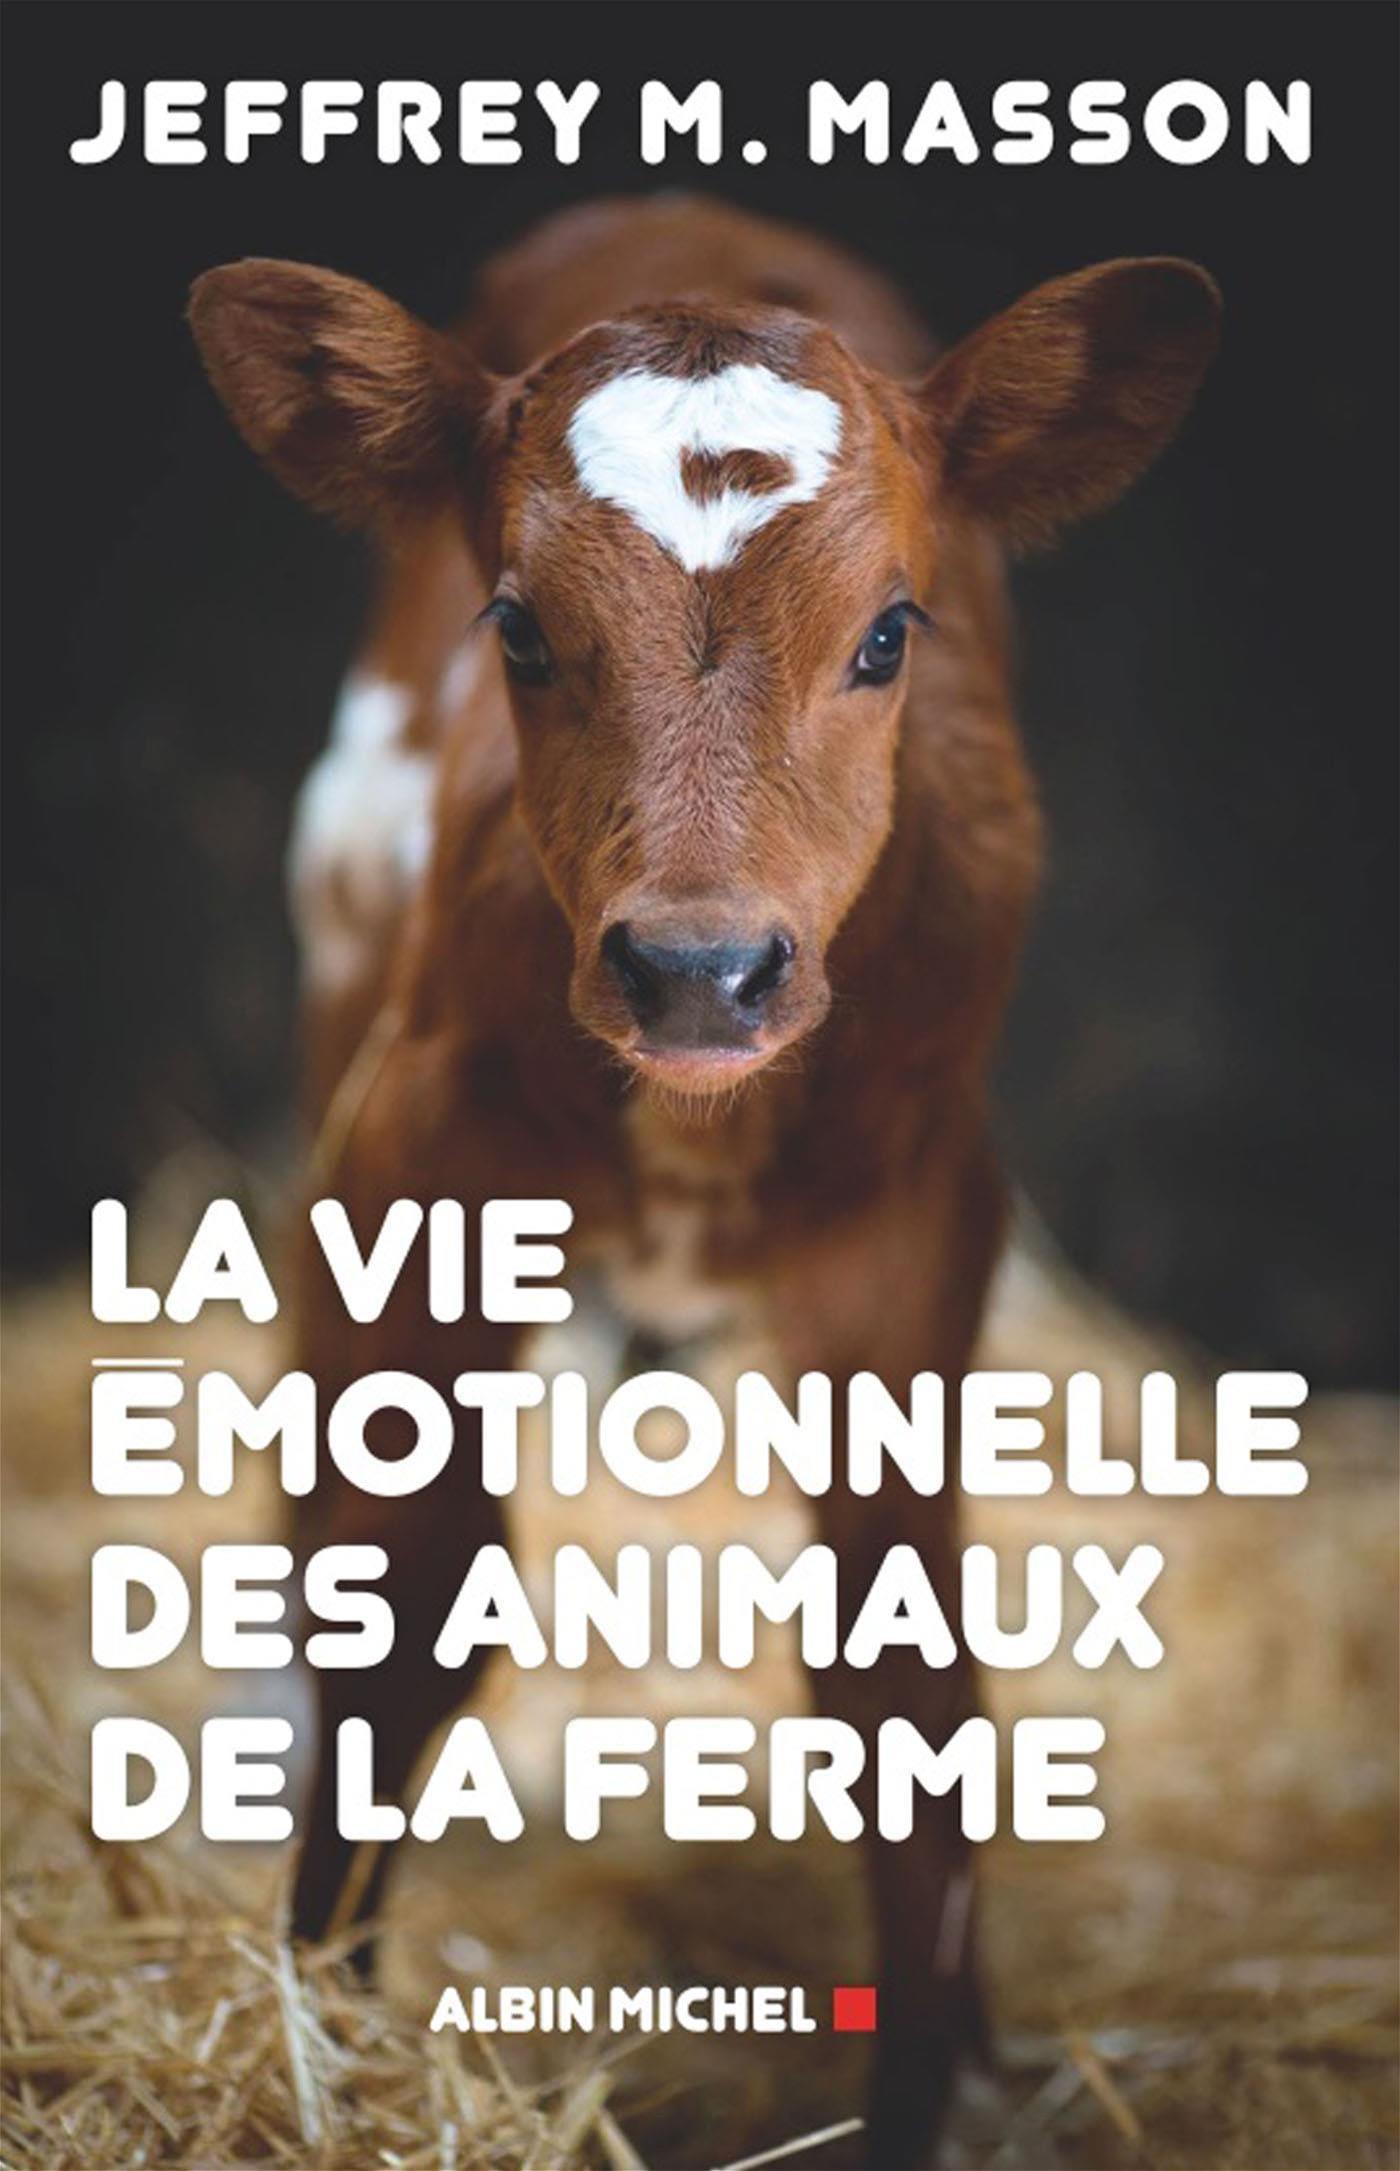 La Vie émotionnelle des animaux de la ferme